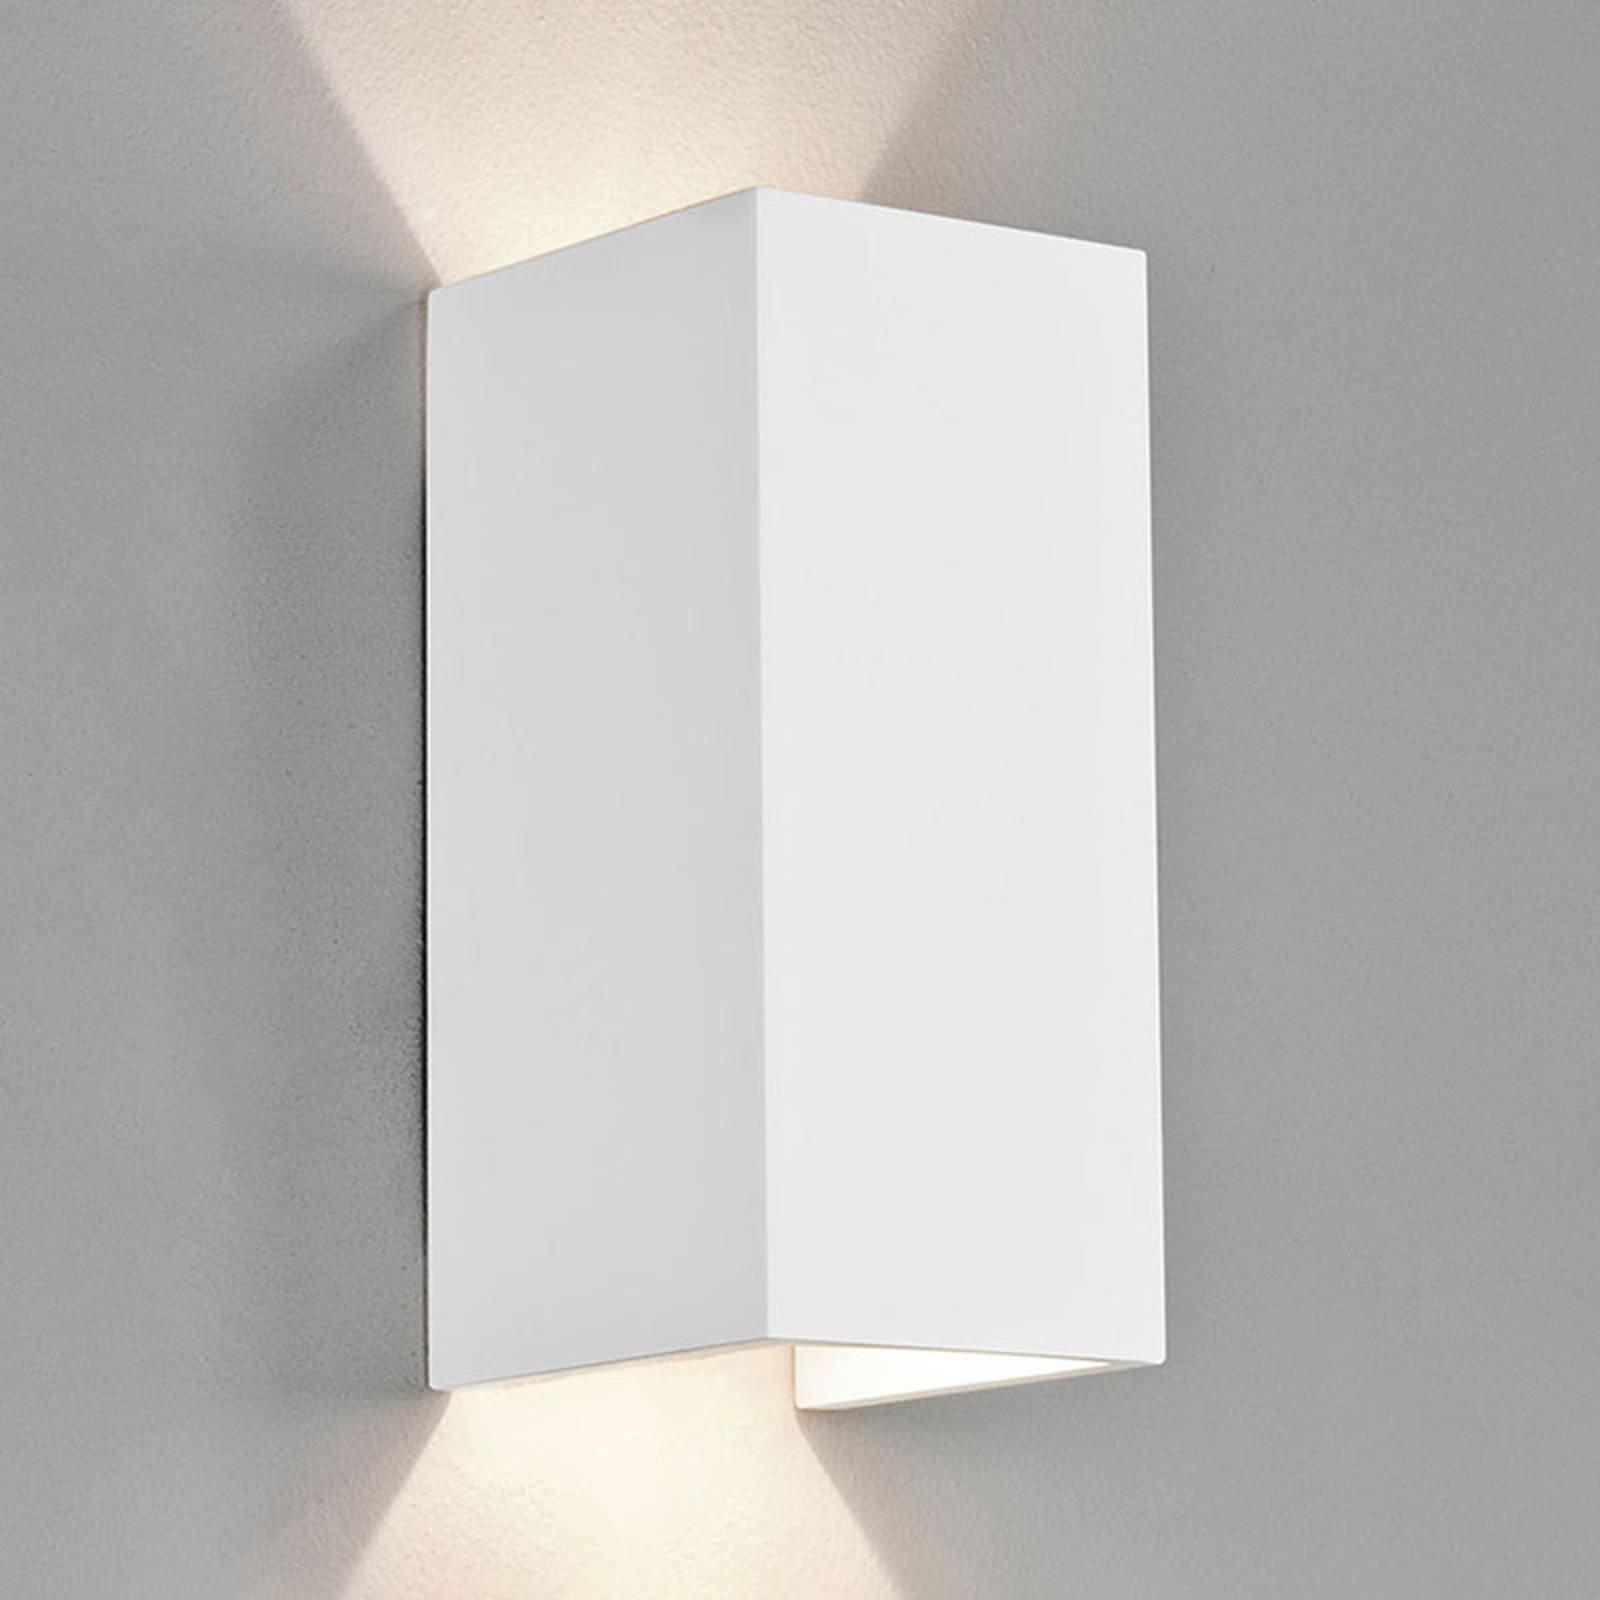 Astro Parma 210 LED-vegglampe av gips, 2 700 K